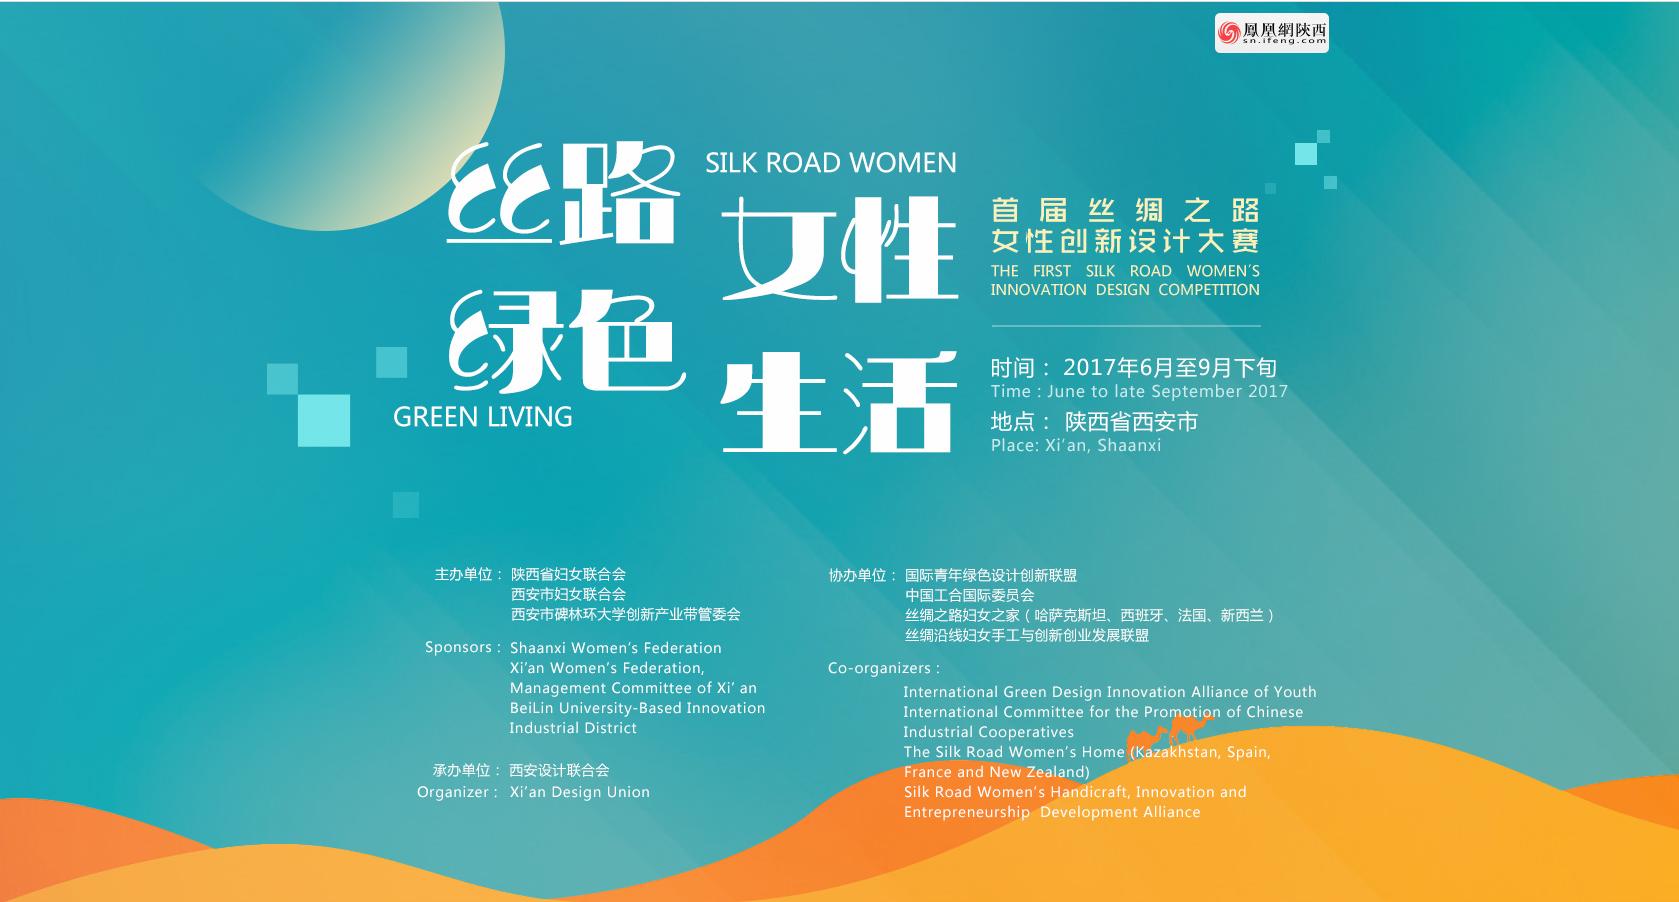 欧亚经济论坛—丝绸之路国际创新设计周活动图片